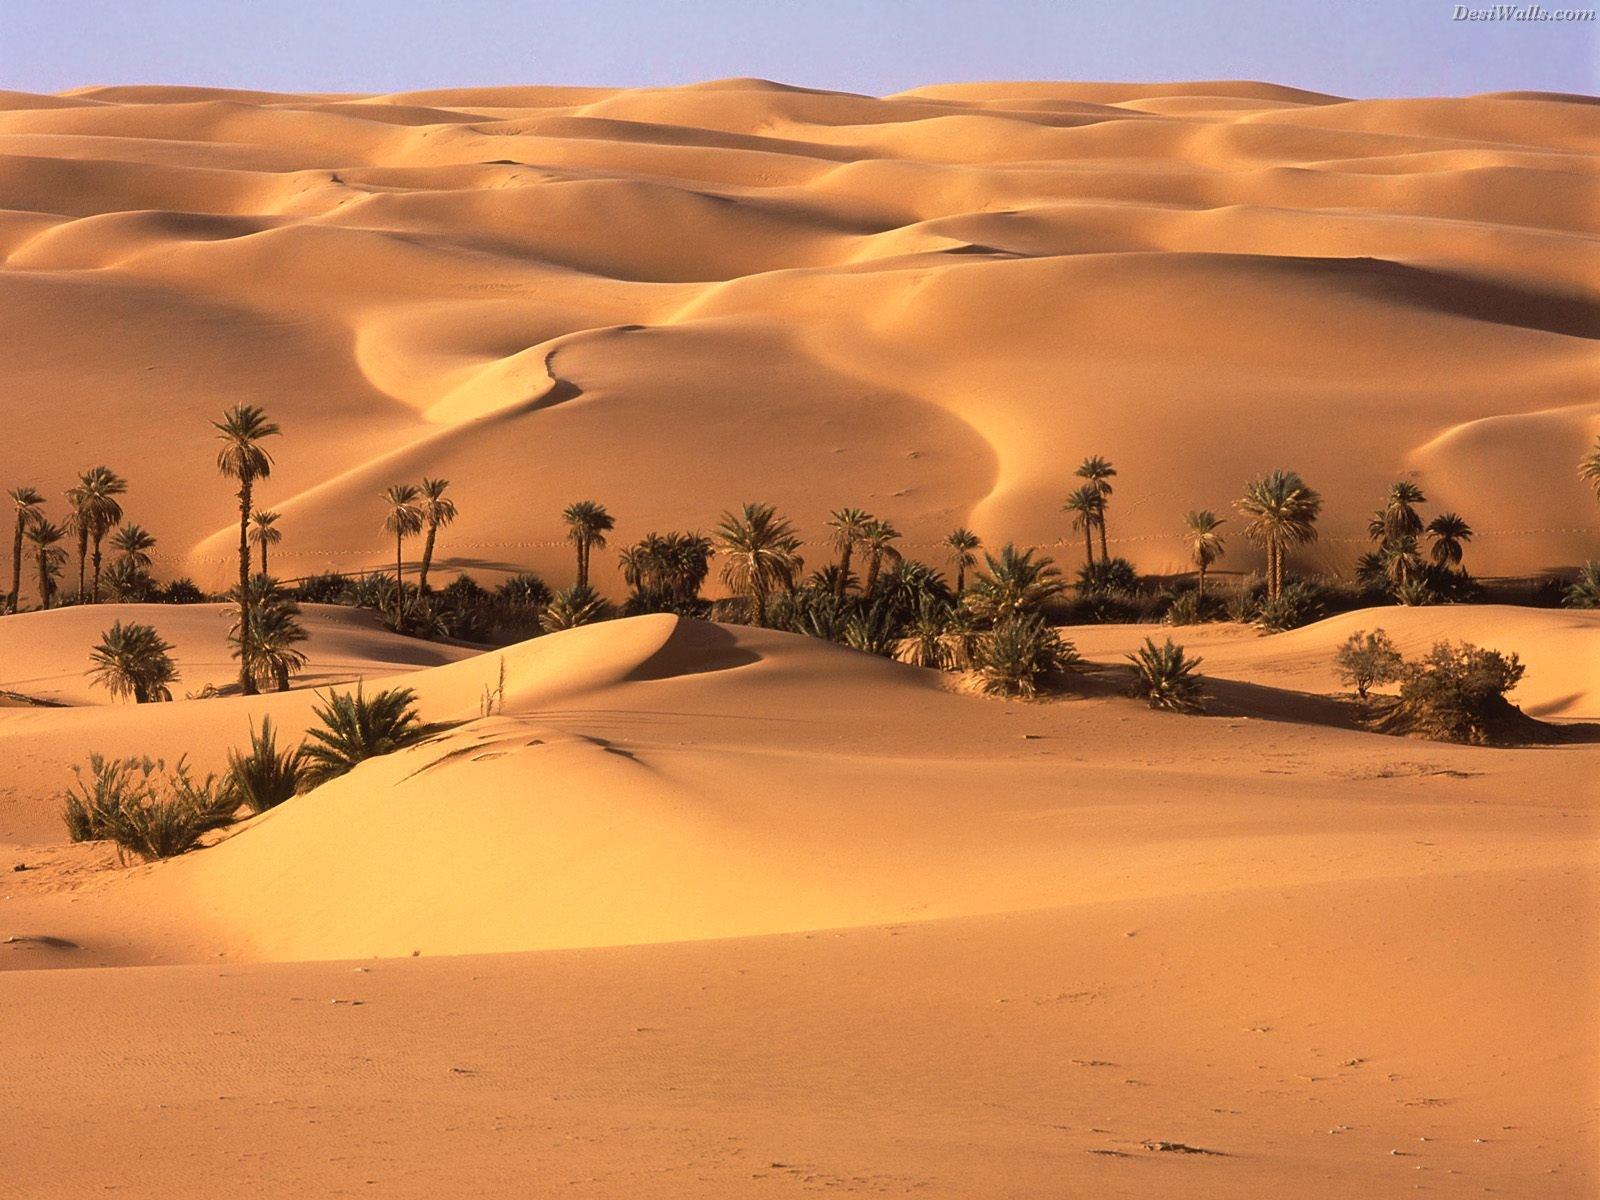 http://2.bp.blogspot.com/-4SfacX4NANw/TddvFowyDfI/AAAAAAAABHw/HKEvNAamjVE/s1600/sfondi-desktop-oasi-nel-deserto-immagini-pc-wallpapers.jpg